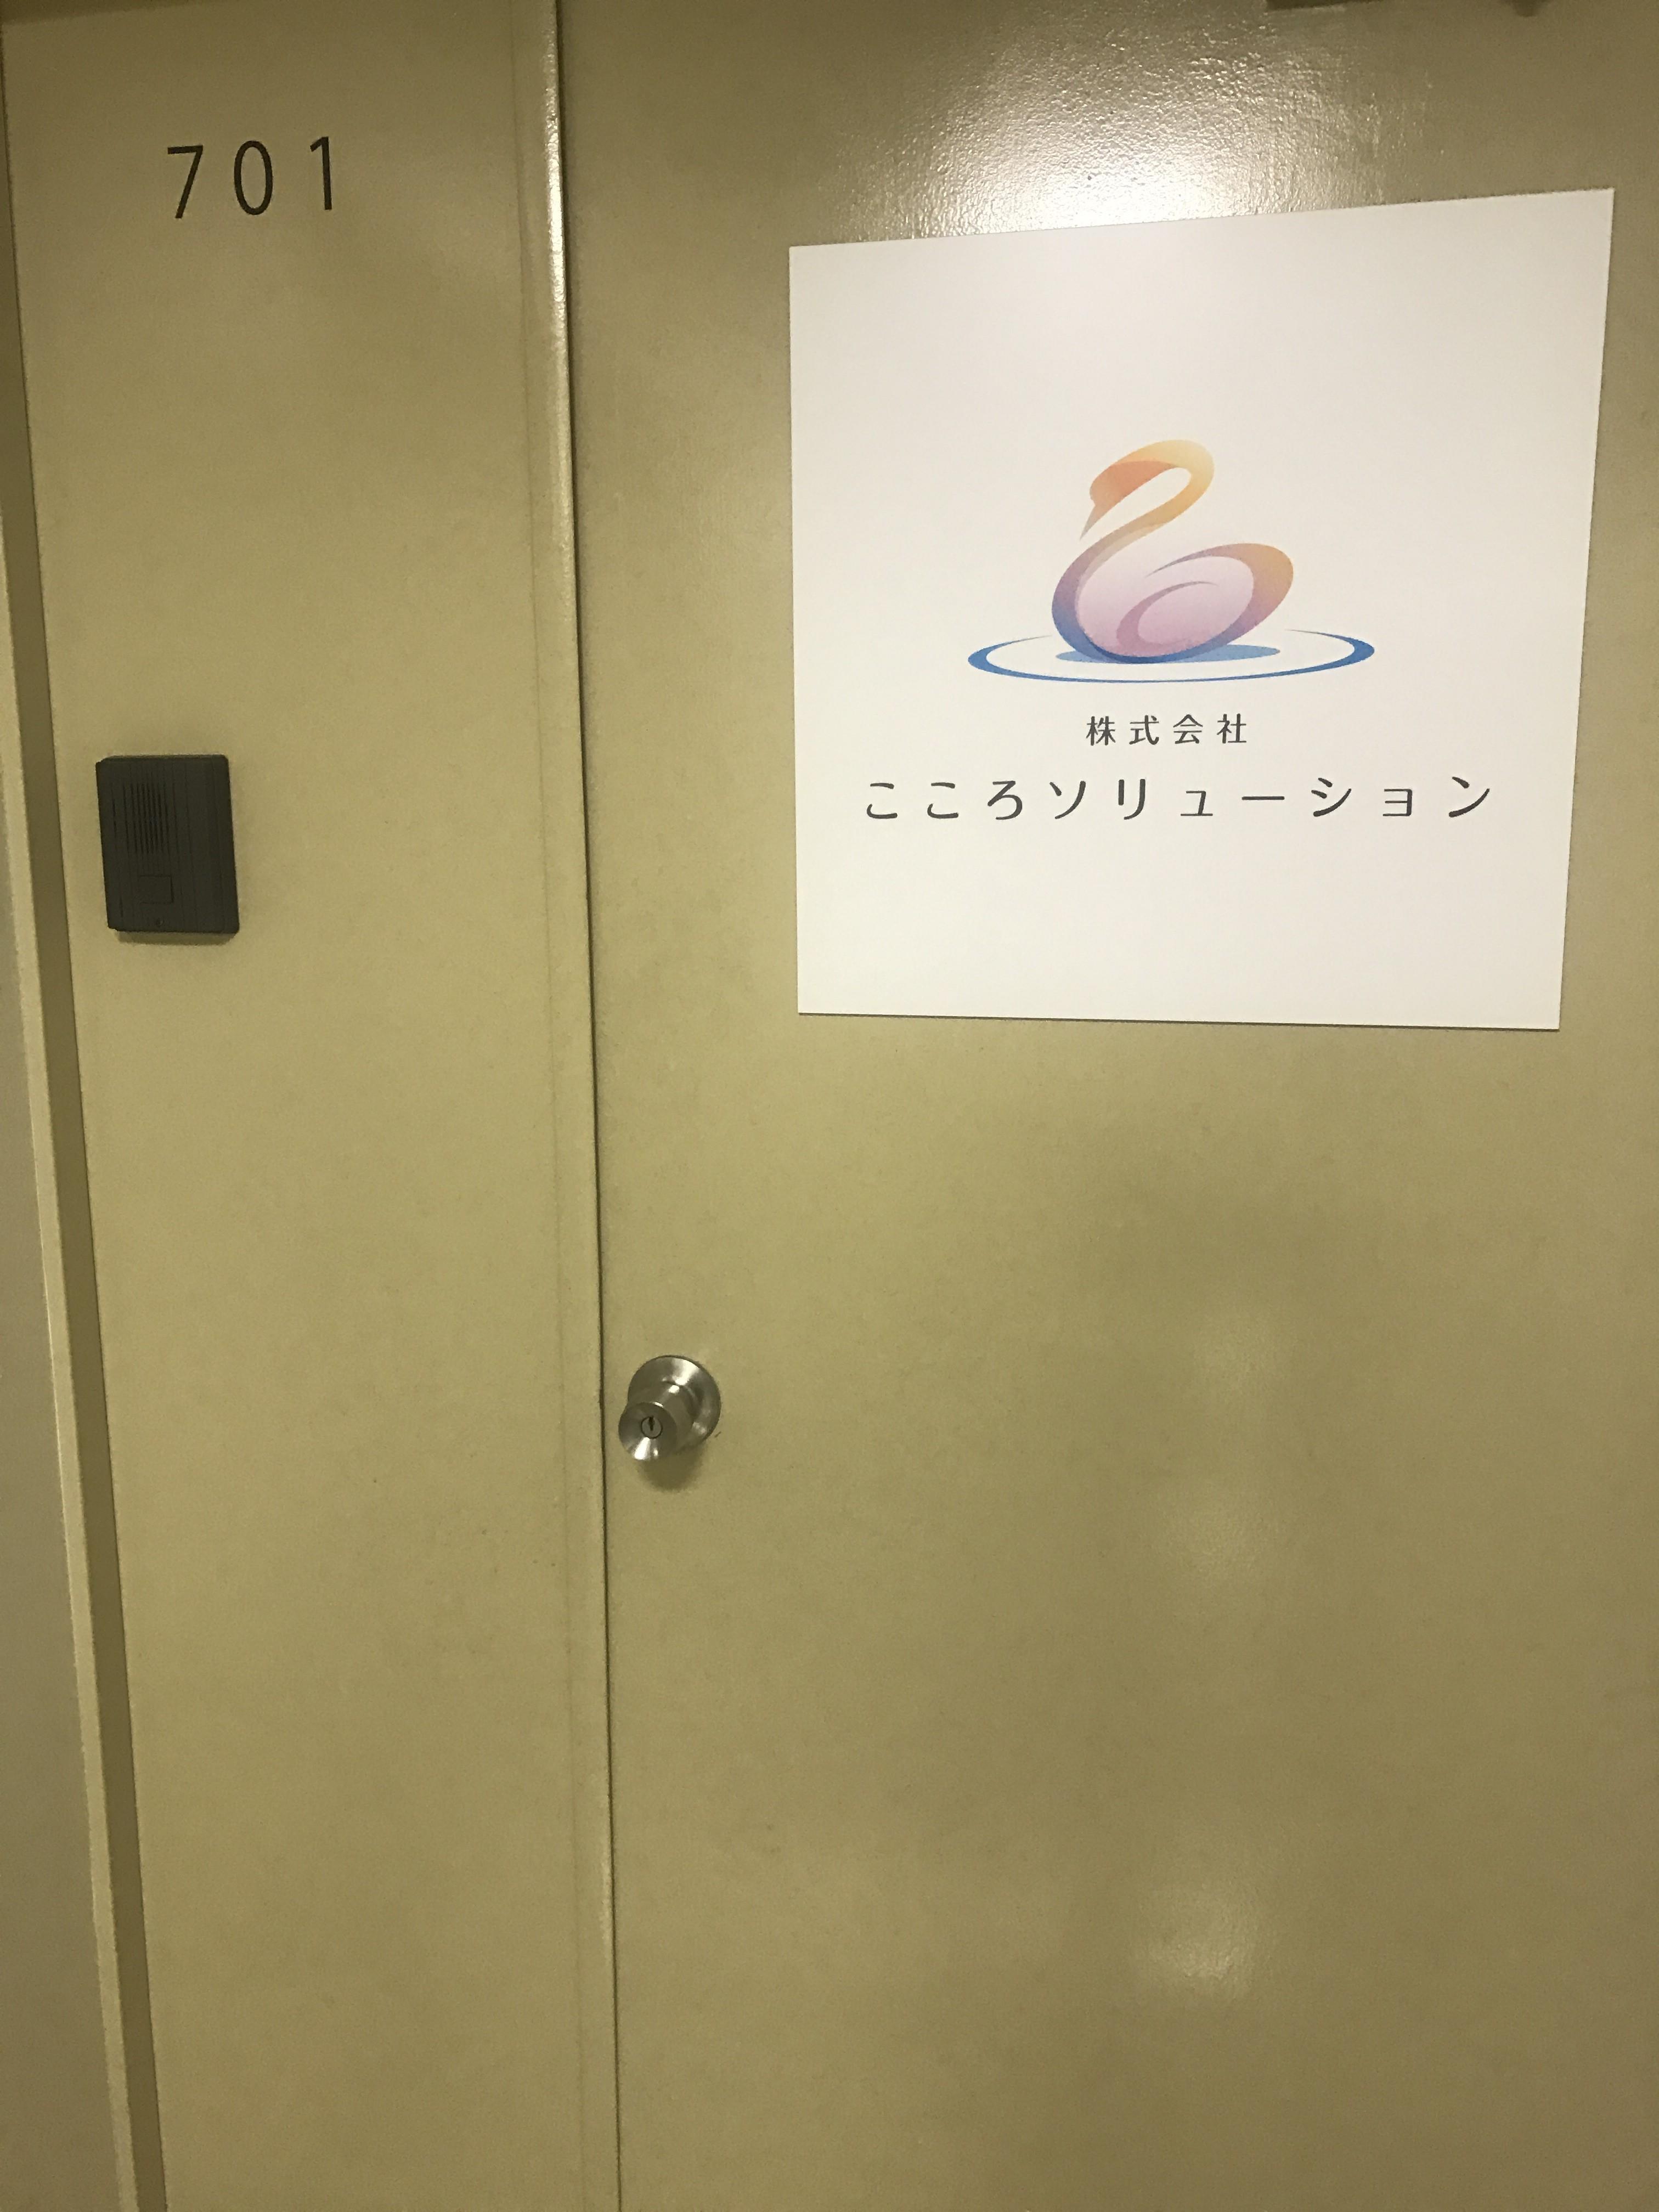 ニュープラザビル7階701号室(株式会社こころソリューション) 多目的スペースの入口の写真